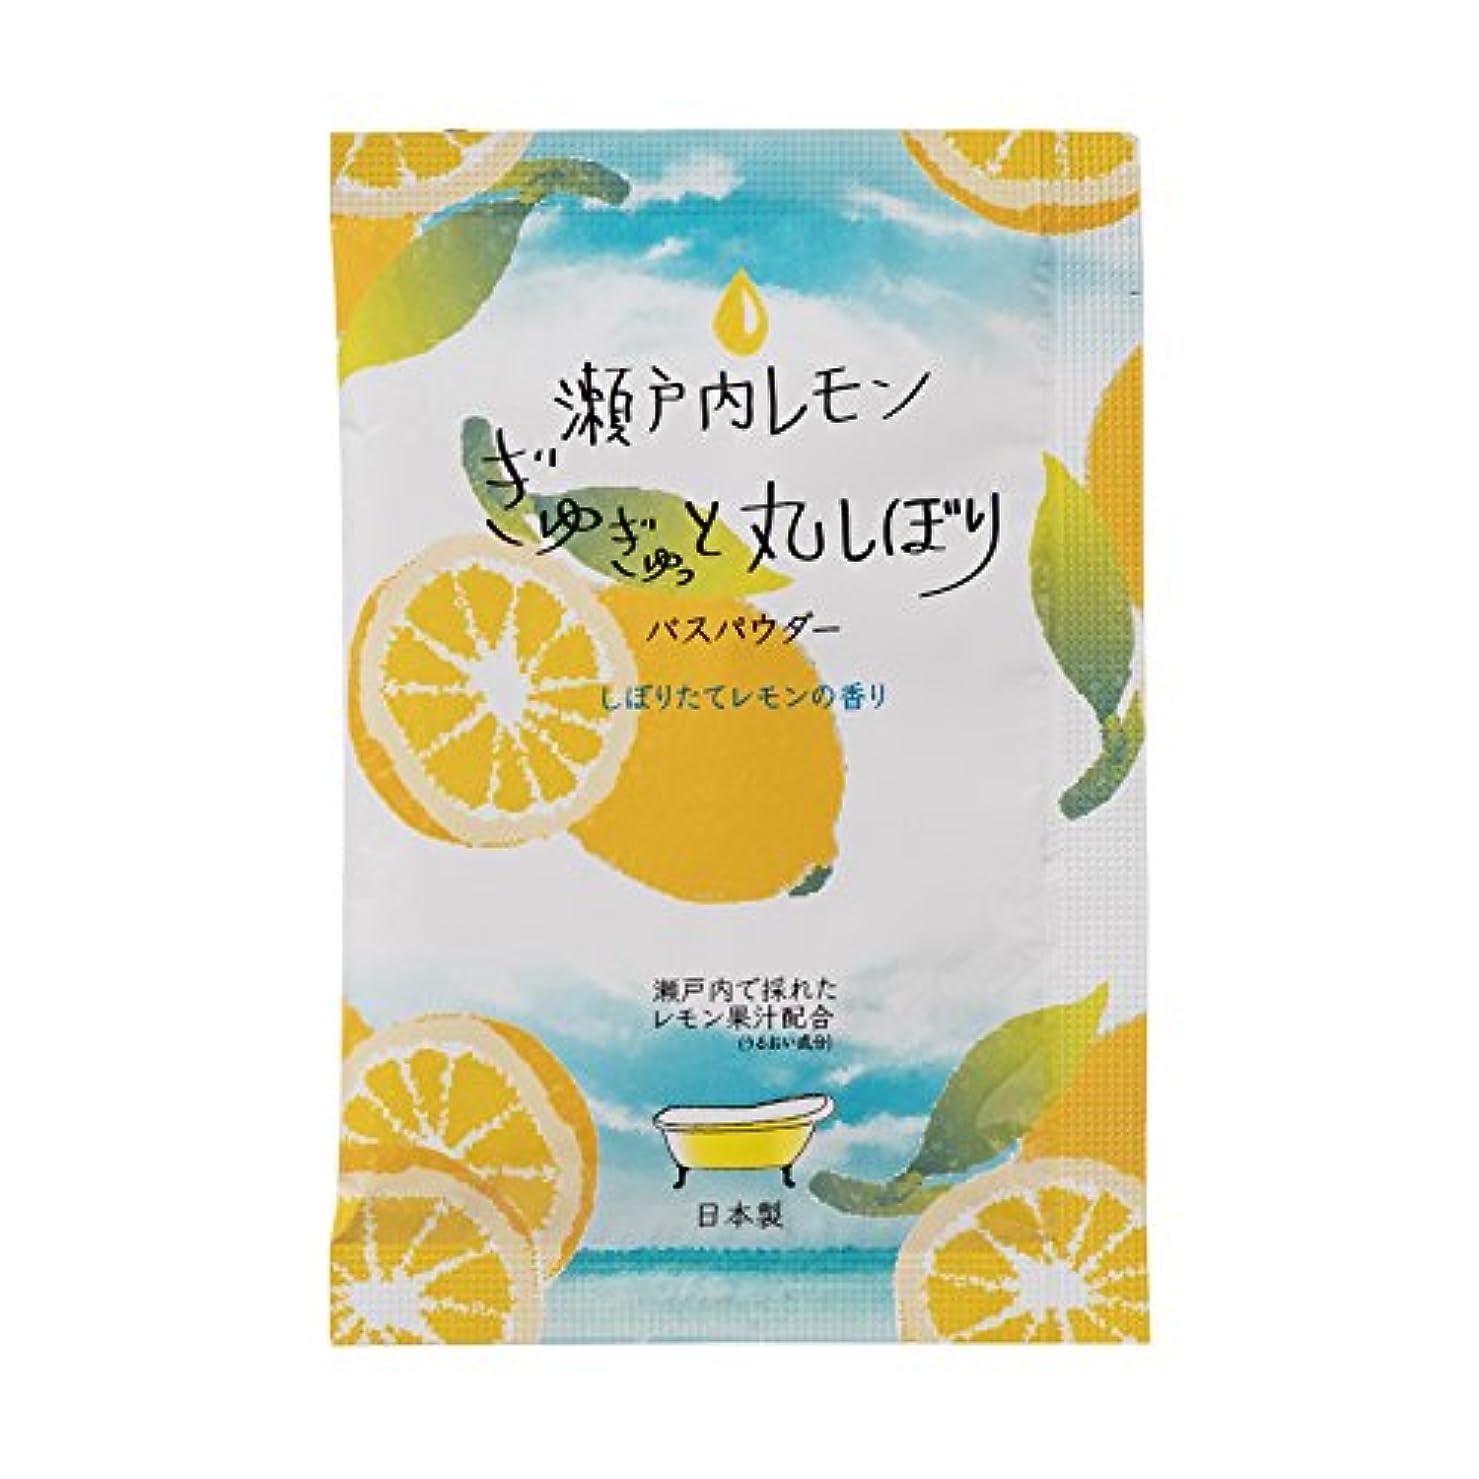 仲間、同僚放課後ハードリッチバスパウダー(瀬戸内レモンの香り)× 40個